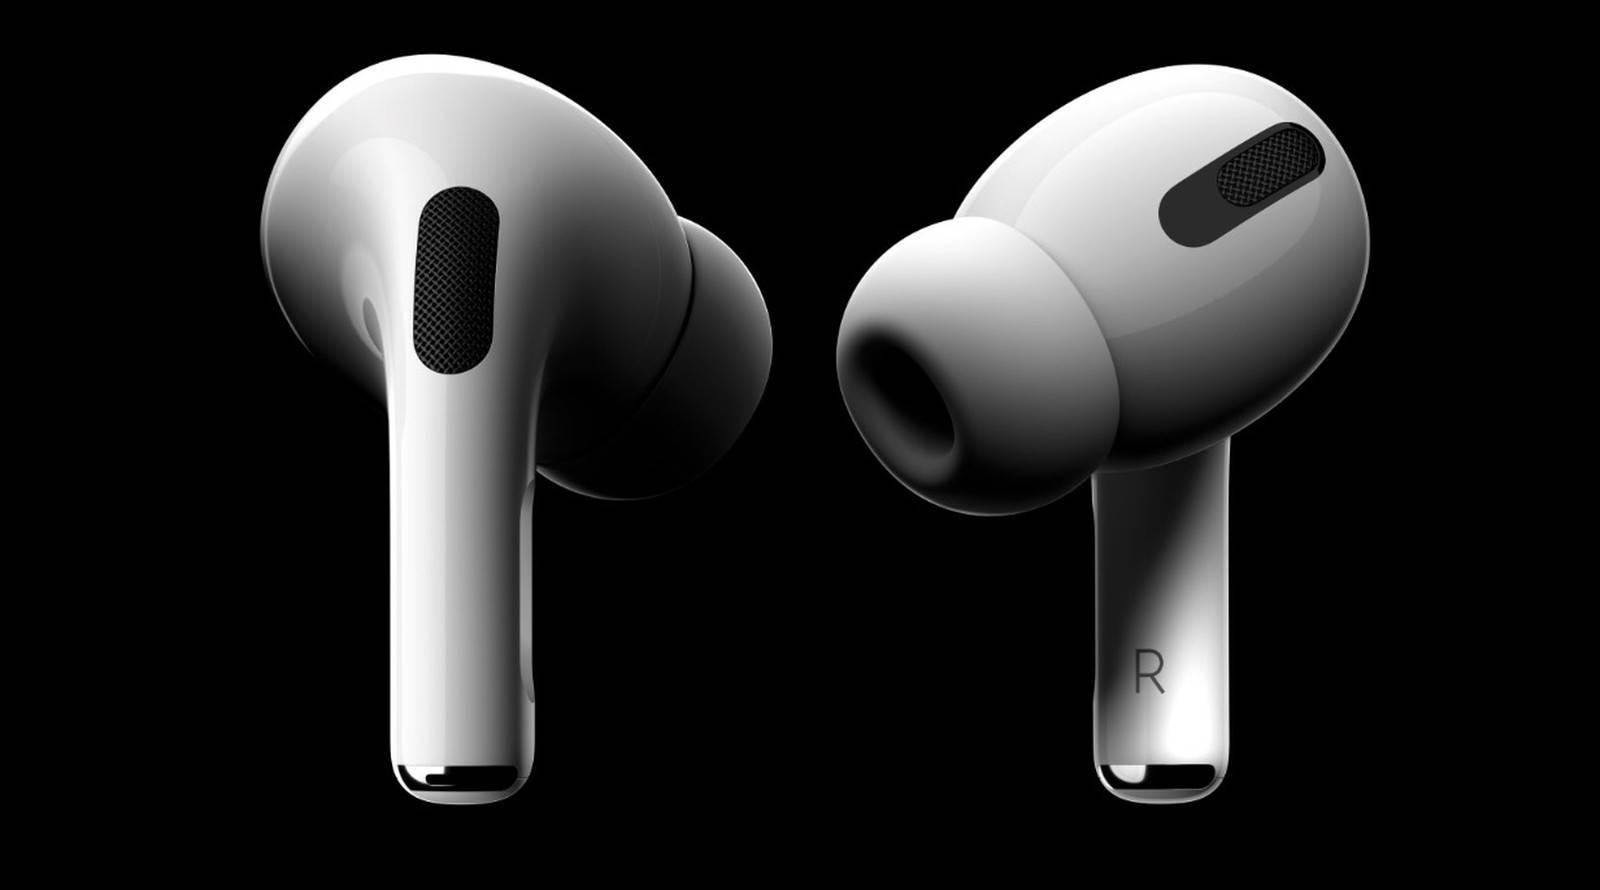 苹果在2020年保持了可穿戴设备市场的领先地位